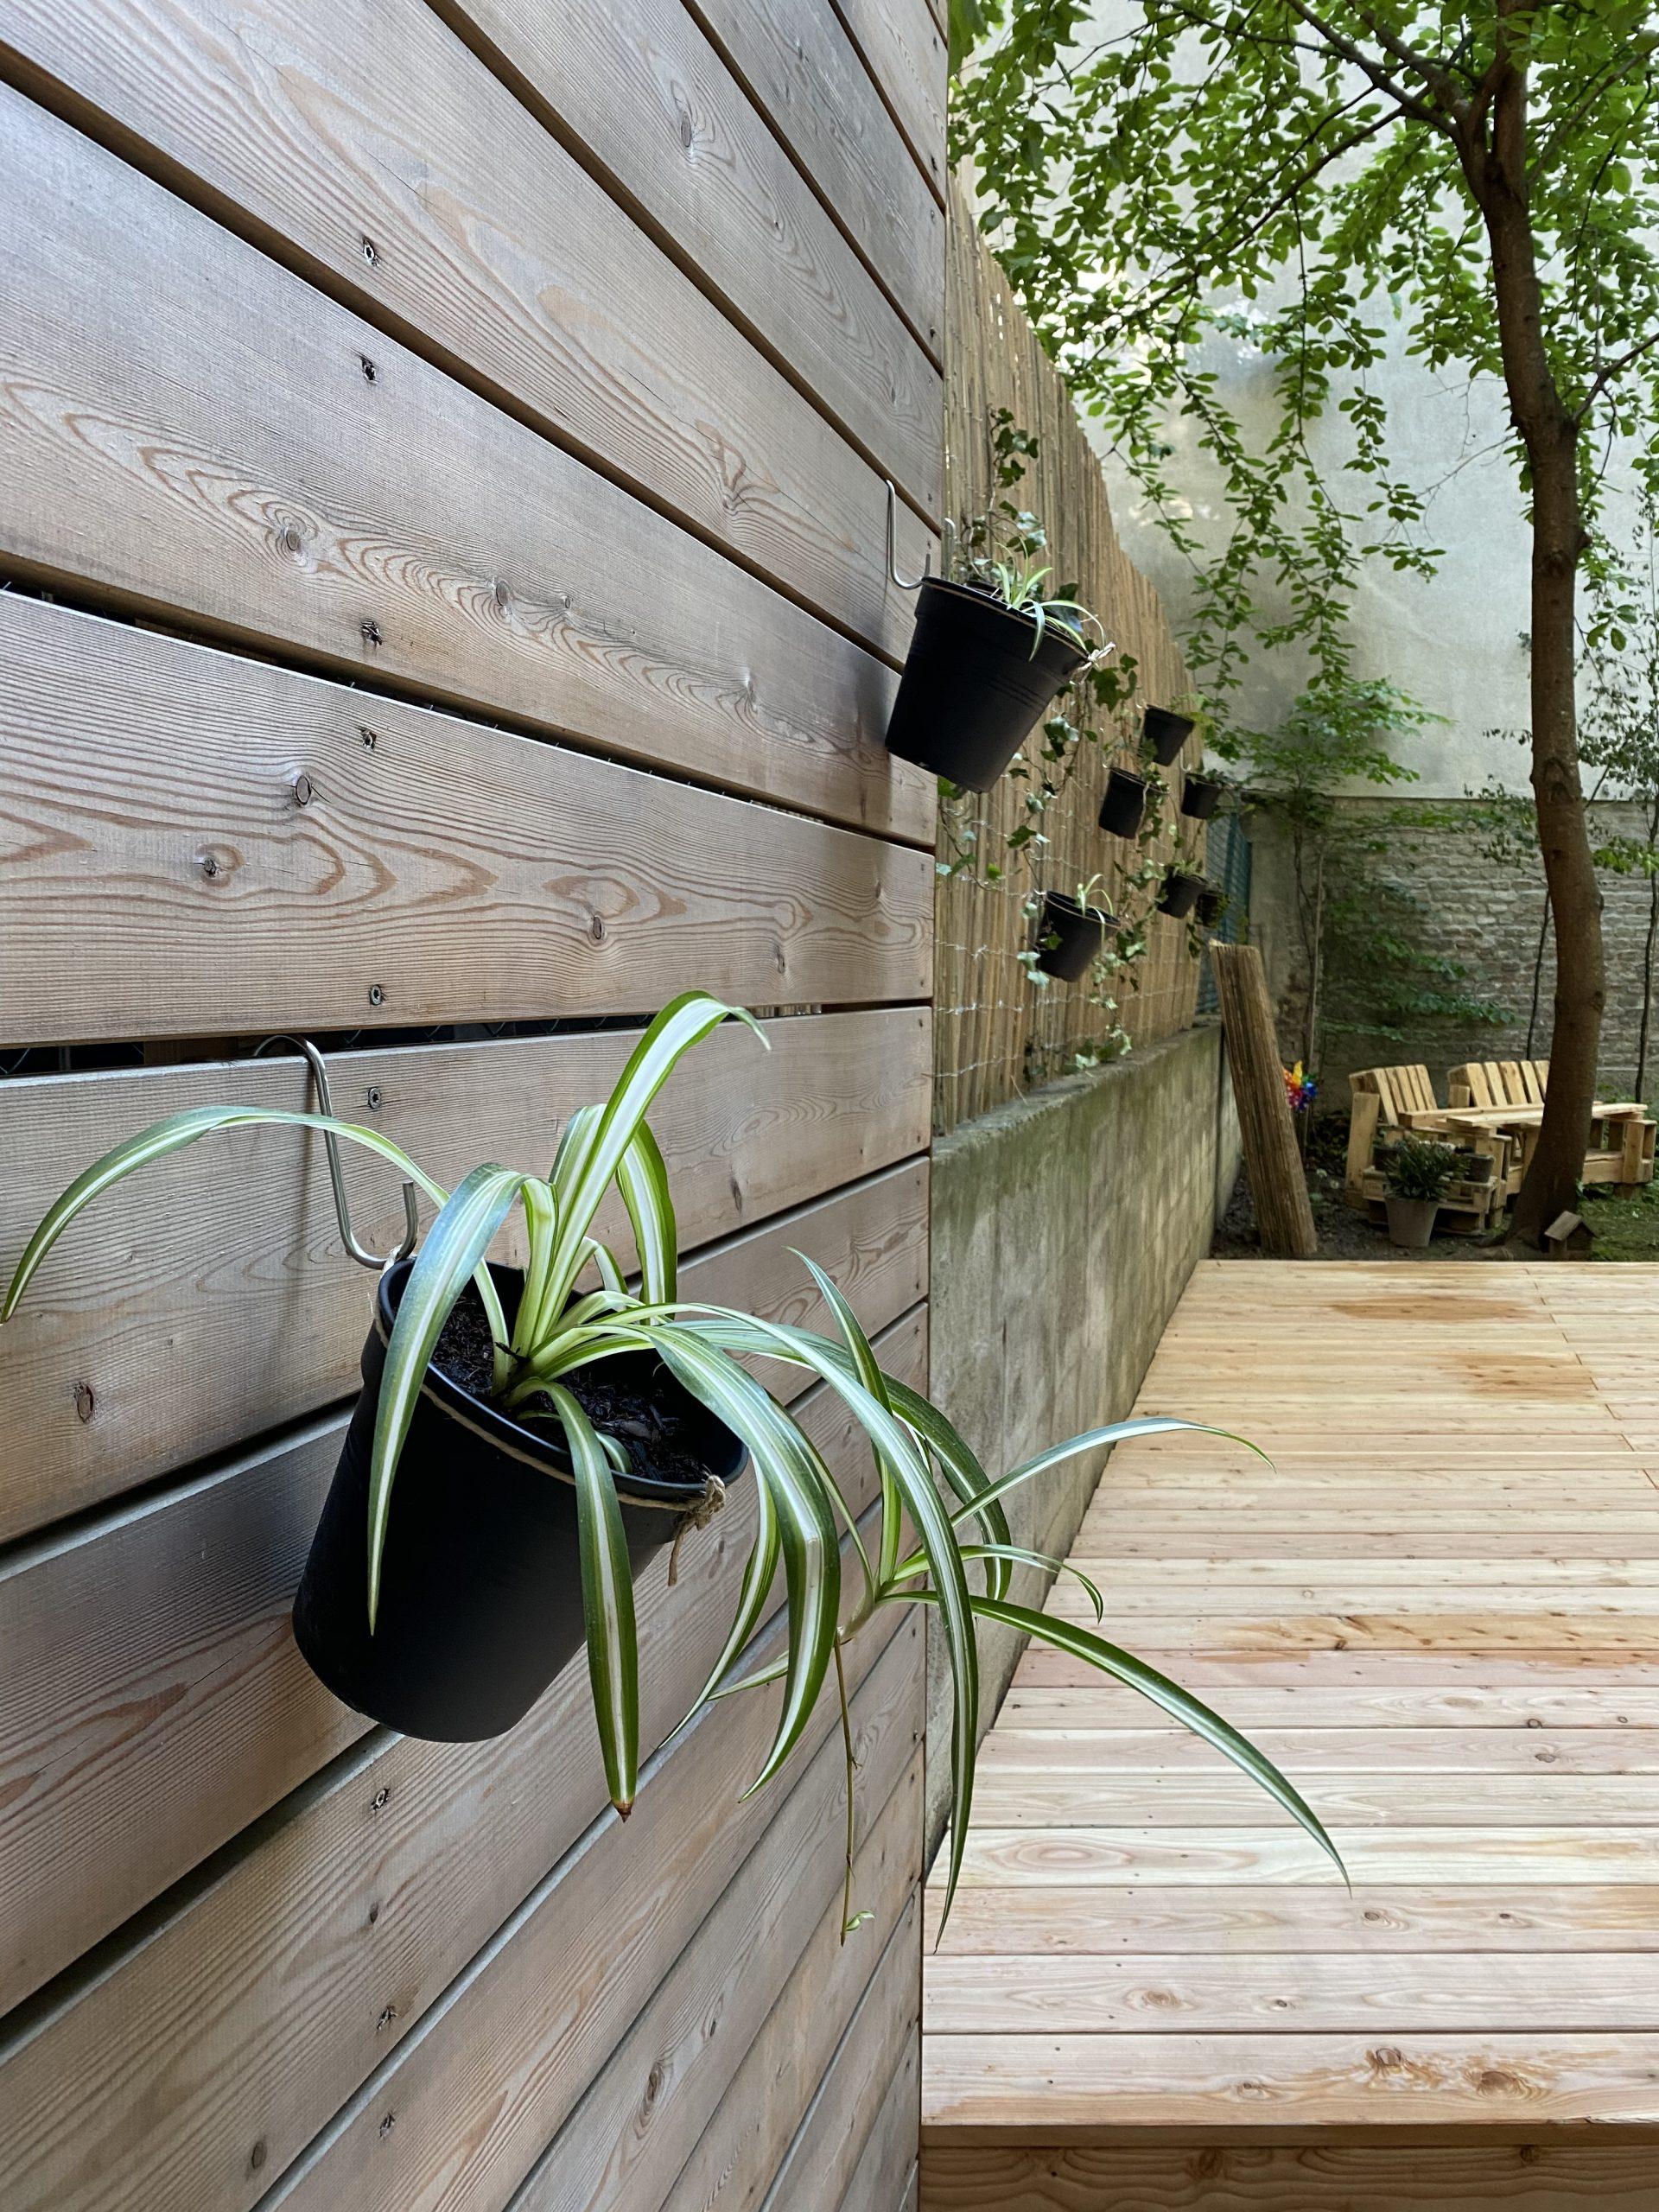 Blumentopf hängend an einer Holzwand, im Hintergrund hängen noch weitere Blumentöpfe mit Pflanzen